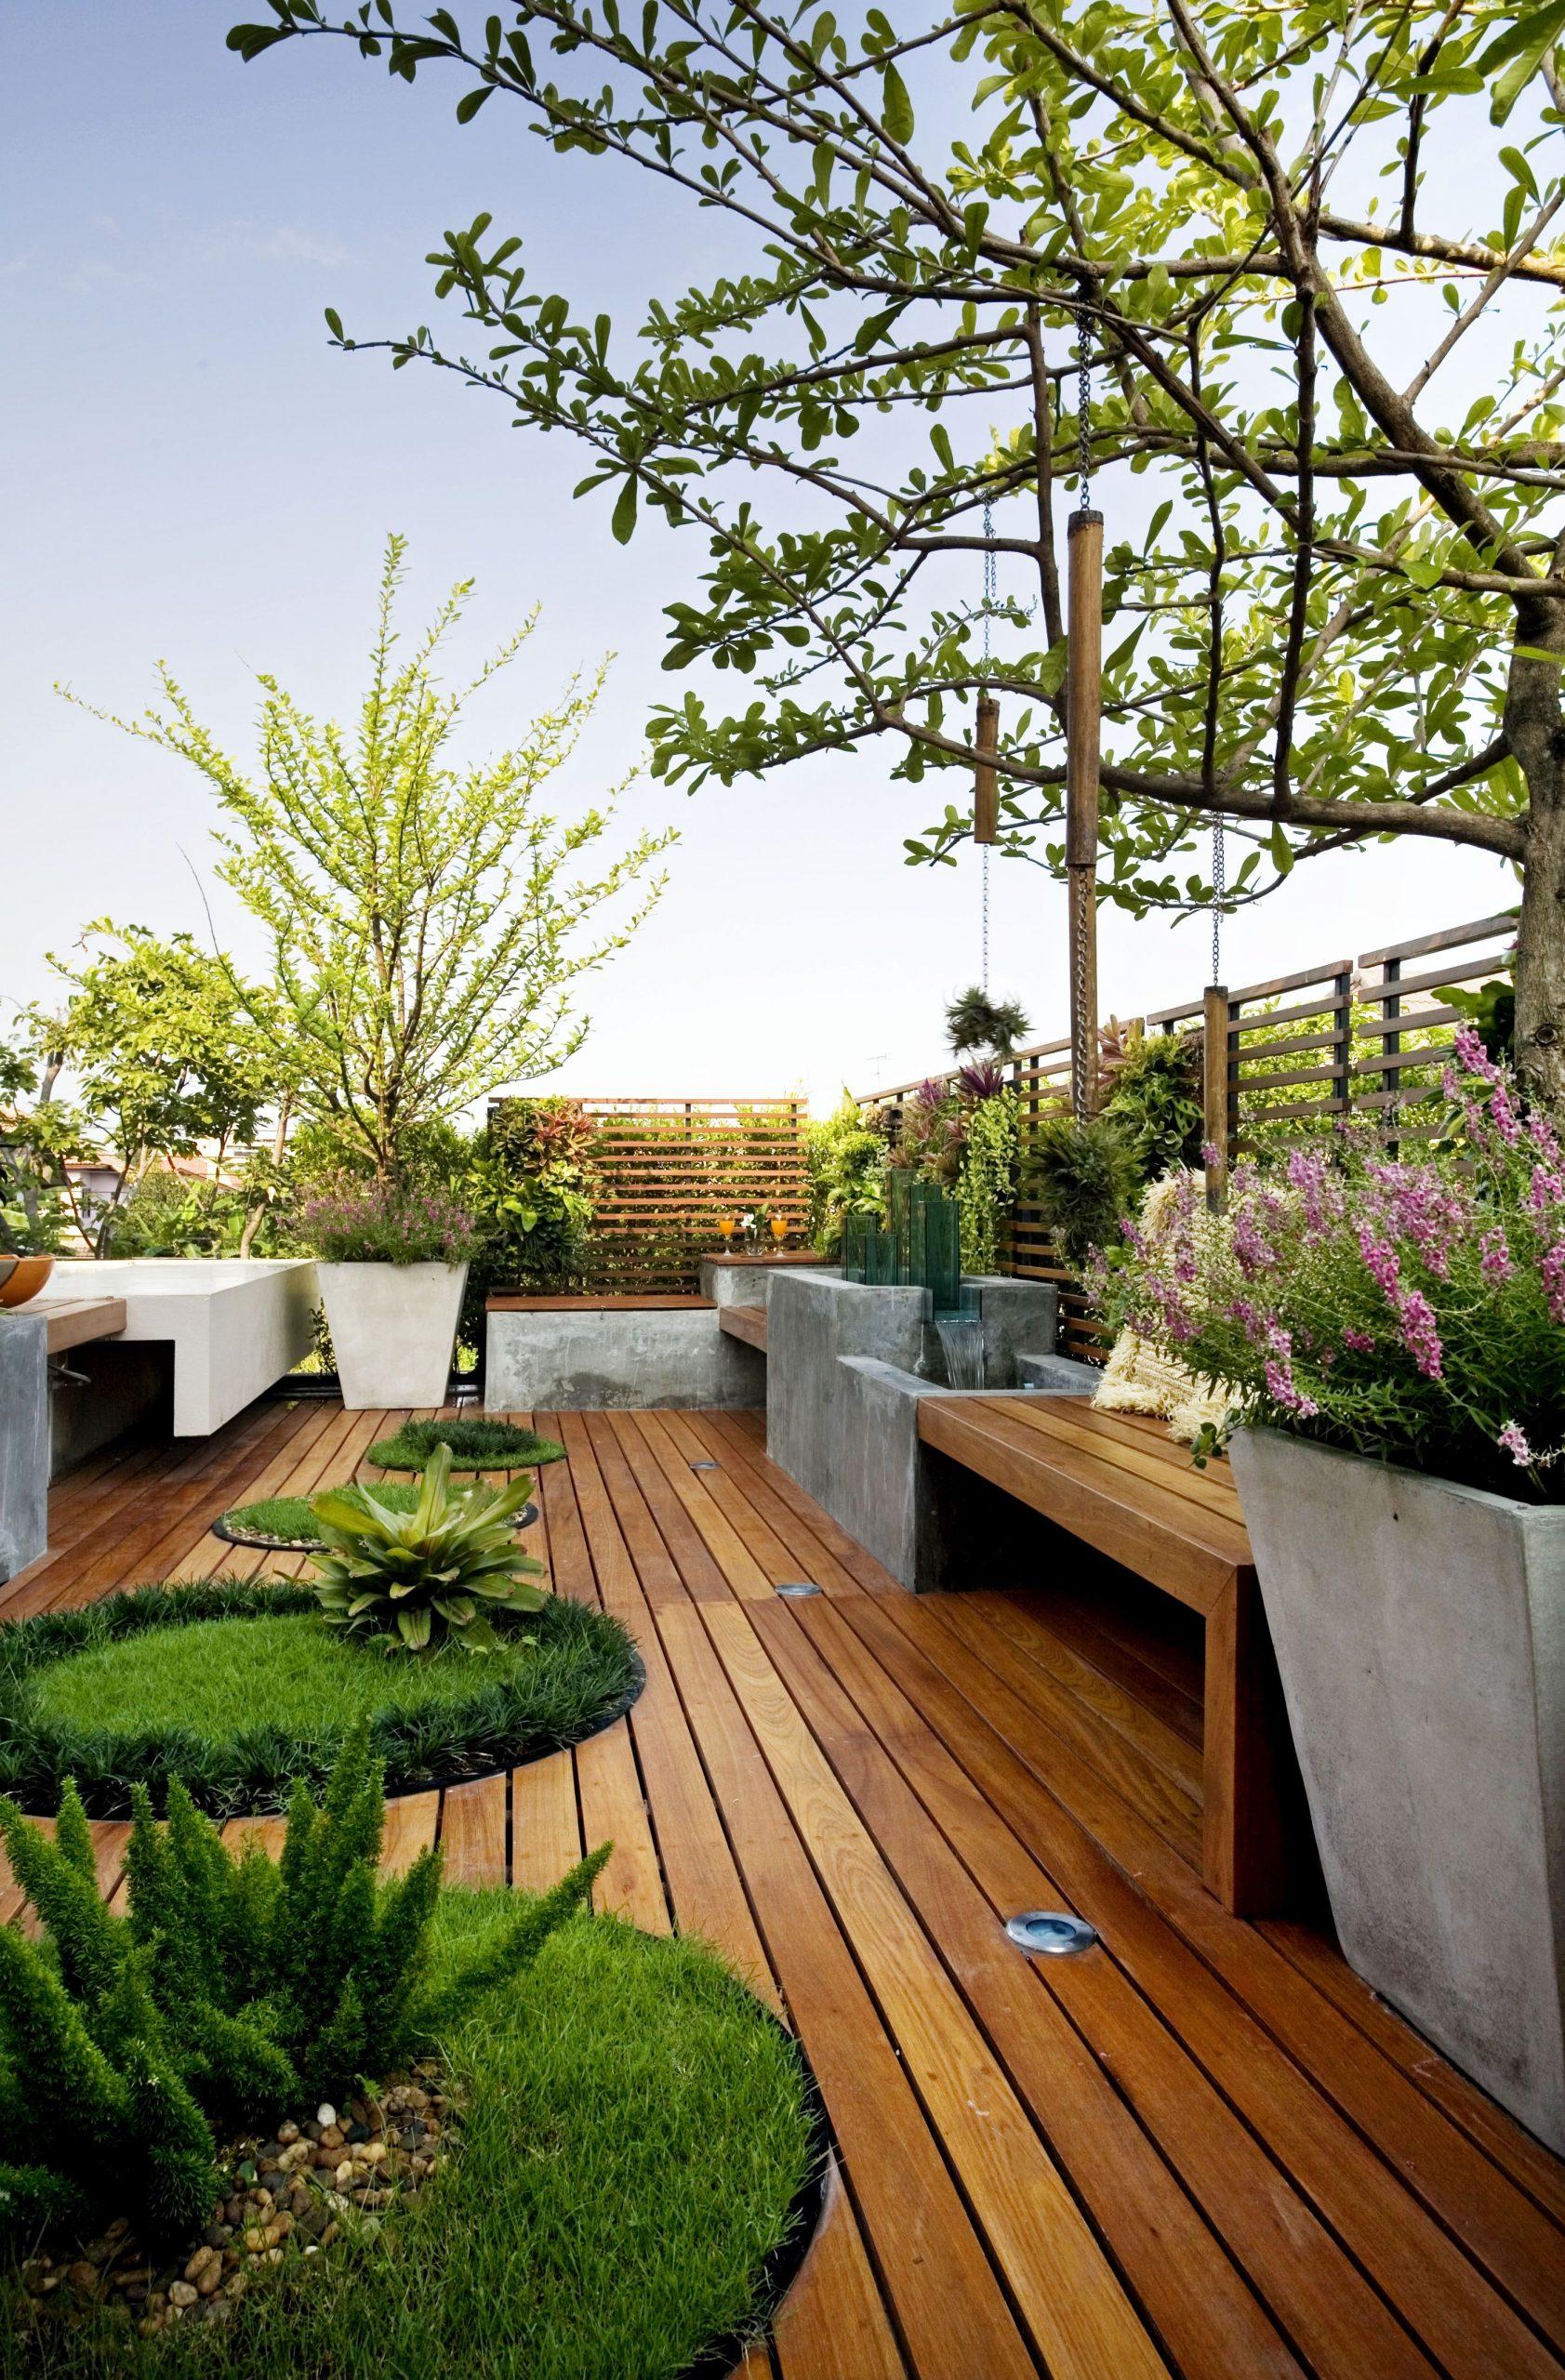 Gradina Pe Acoperis Cu Jardiniere Din Beton, Deck Lemn Si ... à Jardinieres Beton Pour Jardin